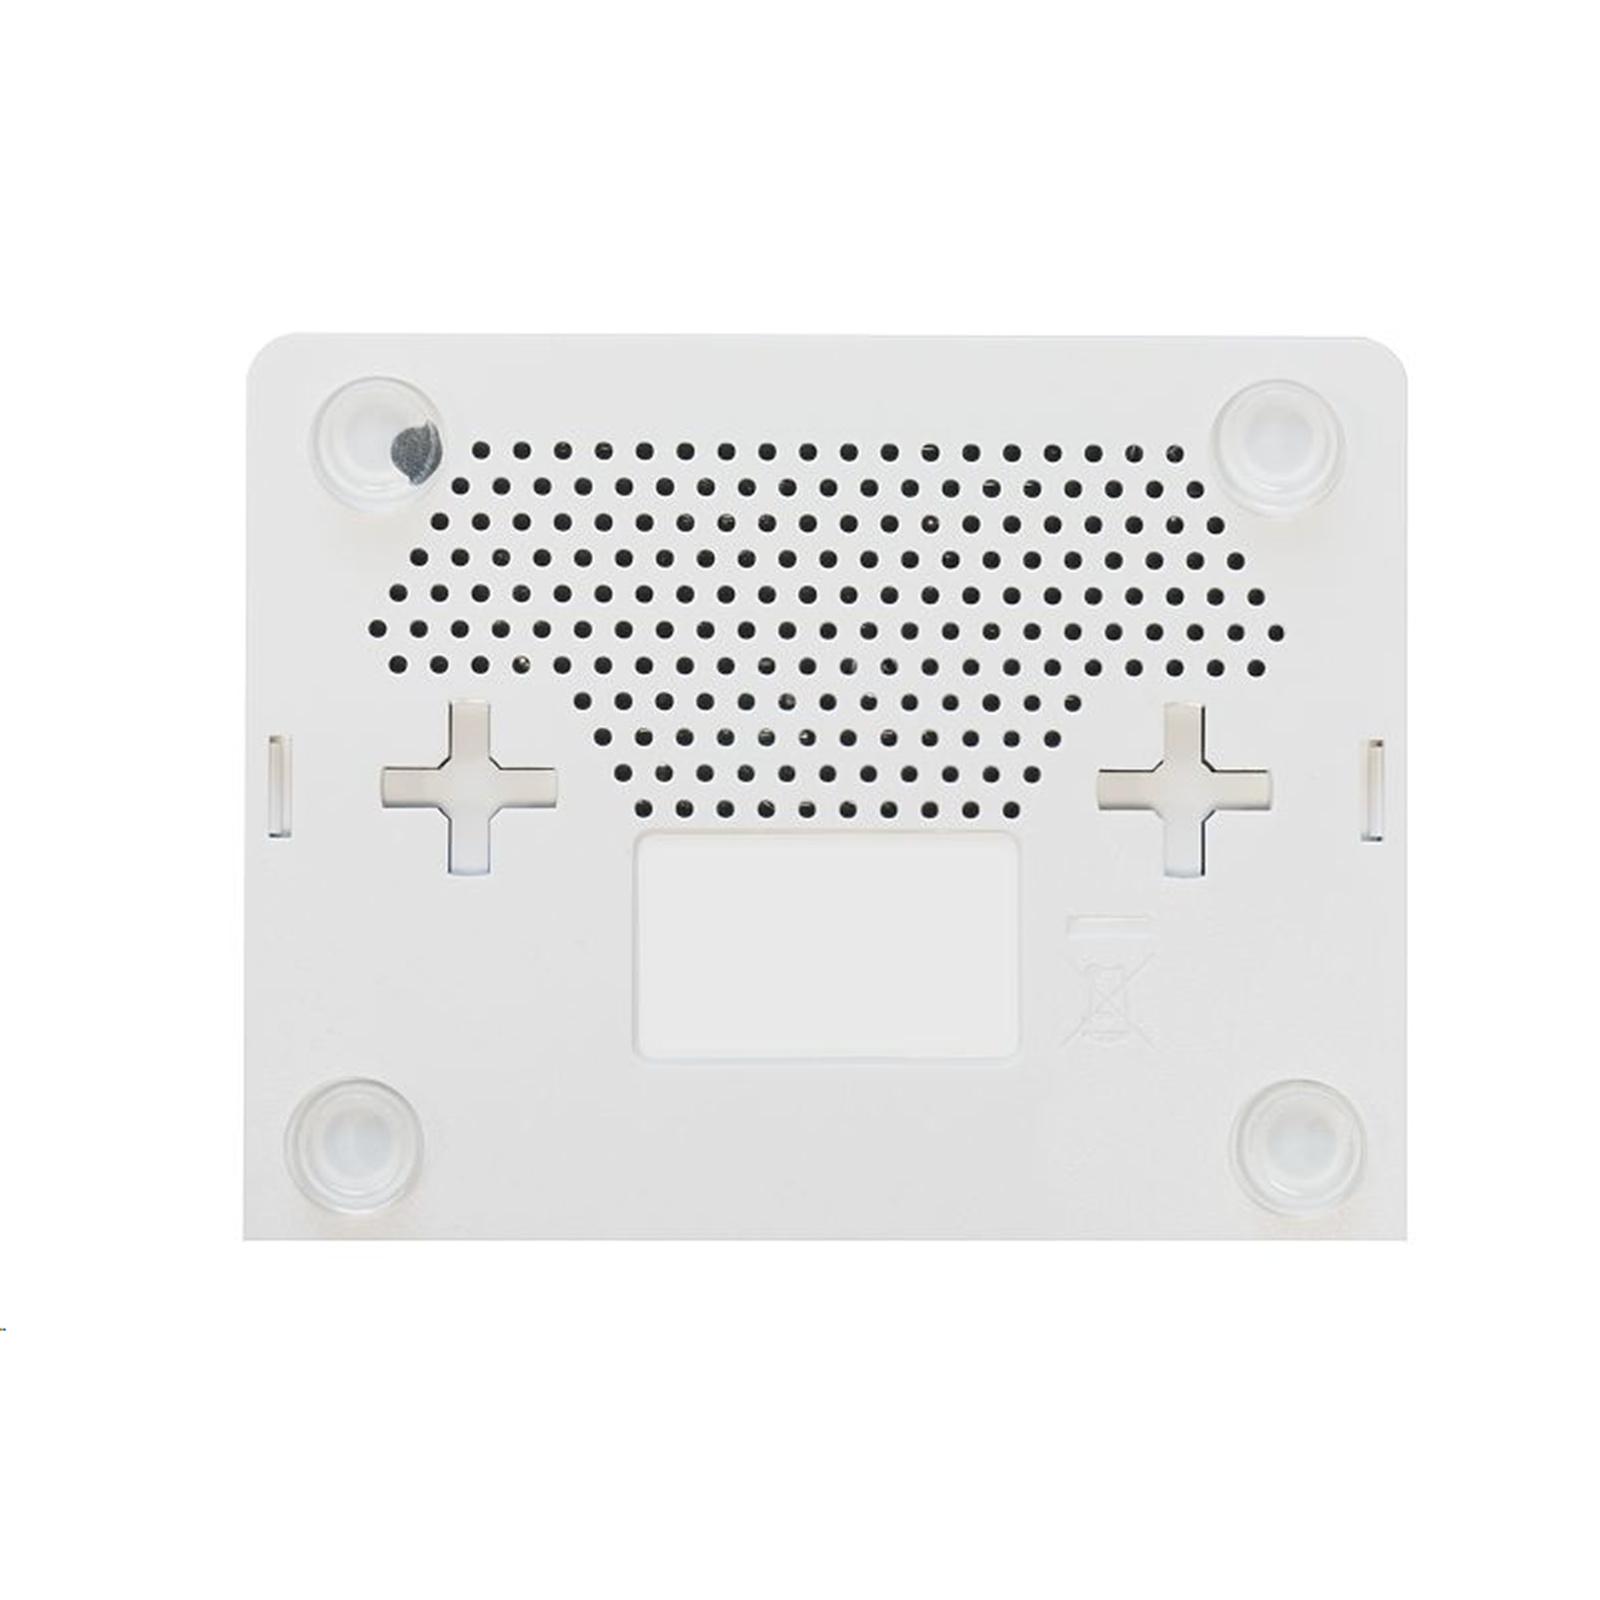 Buy the MikroTik RB750Gr3 RouterBOARD RB750Gr3 hEX 5 Port Gigabit